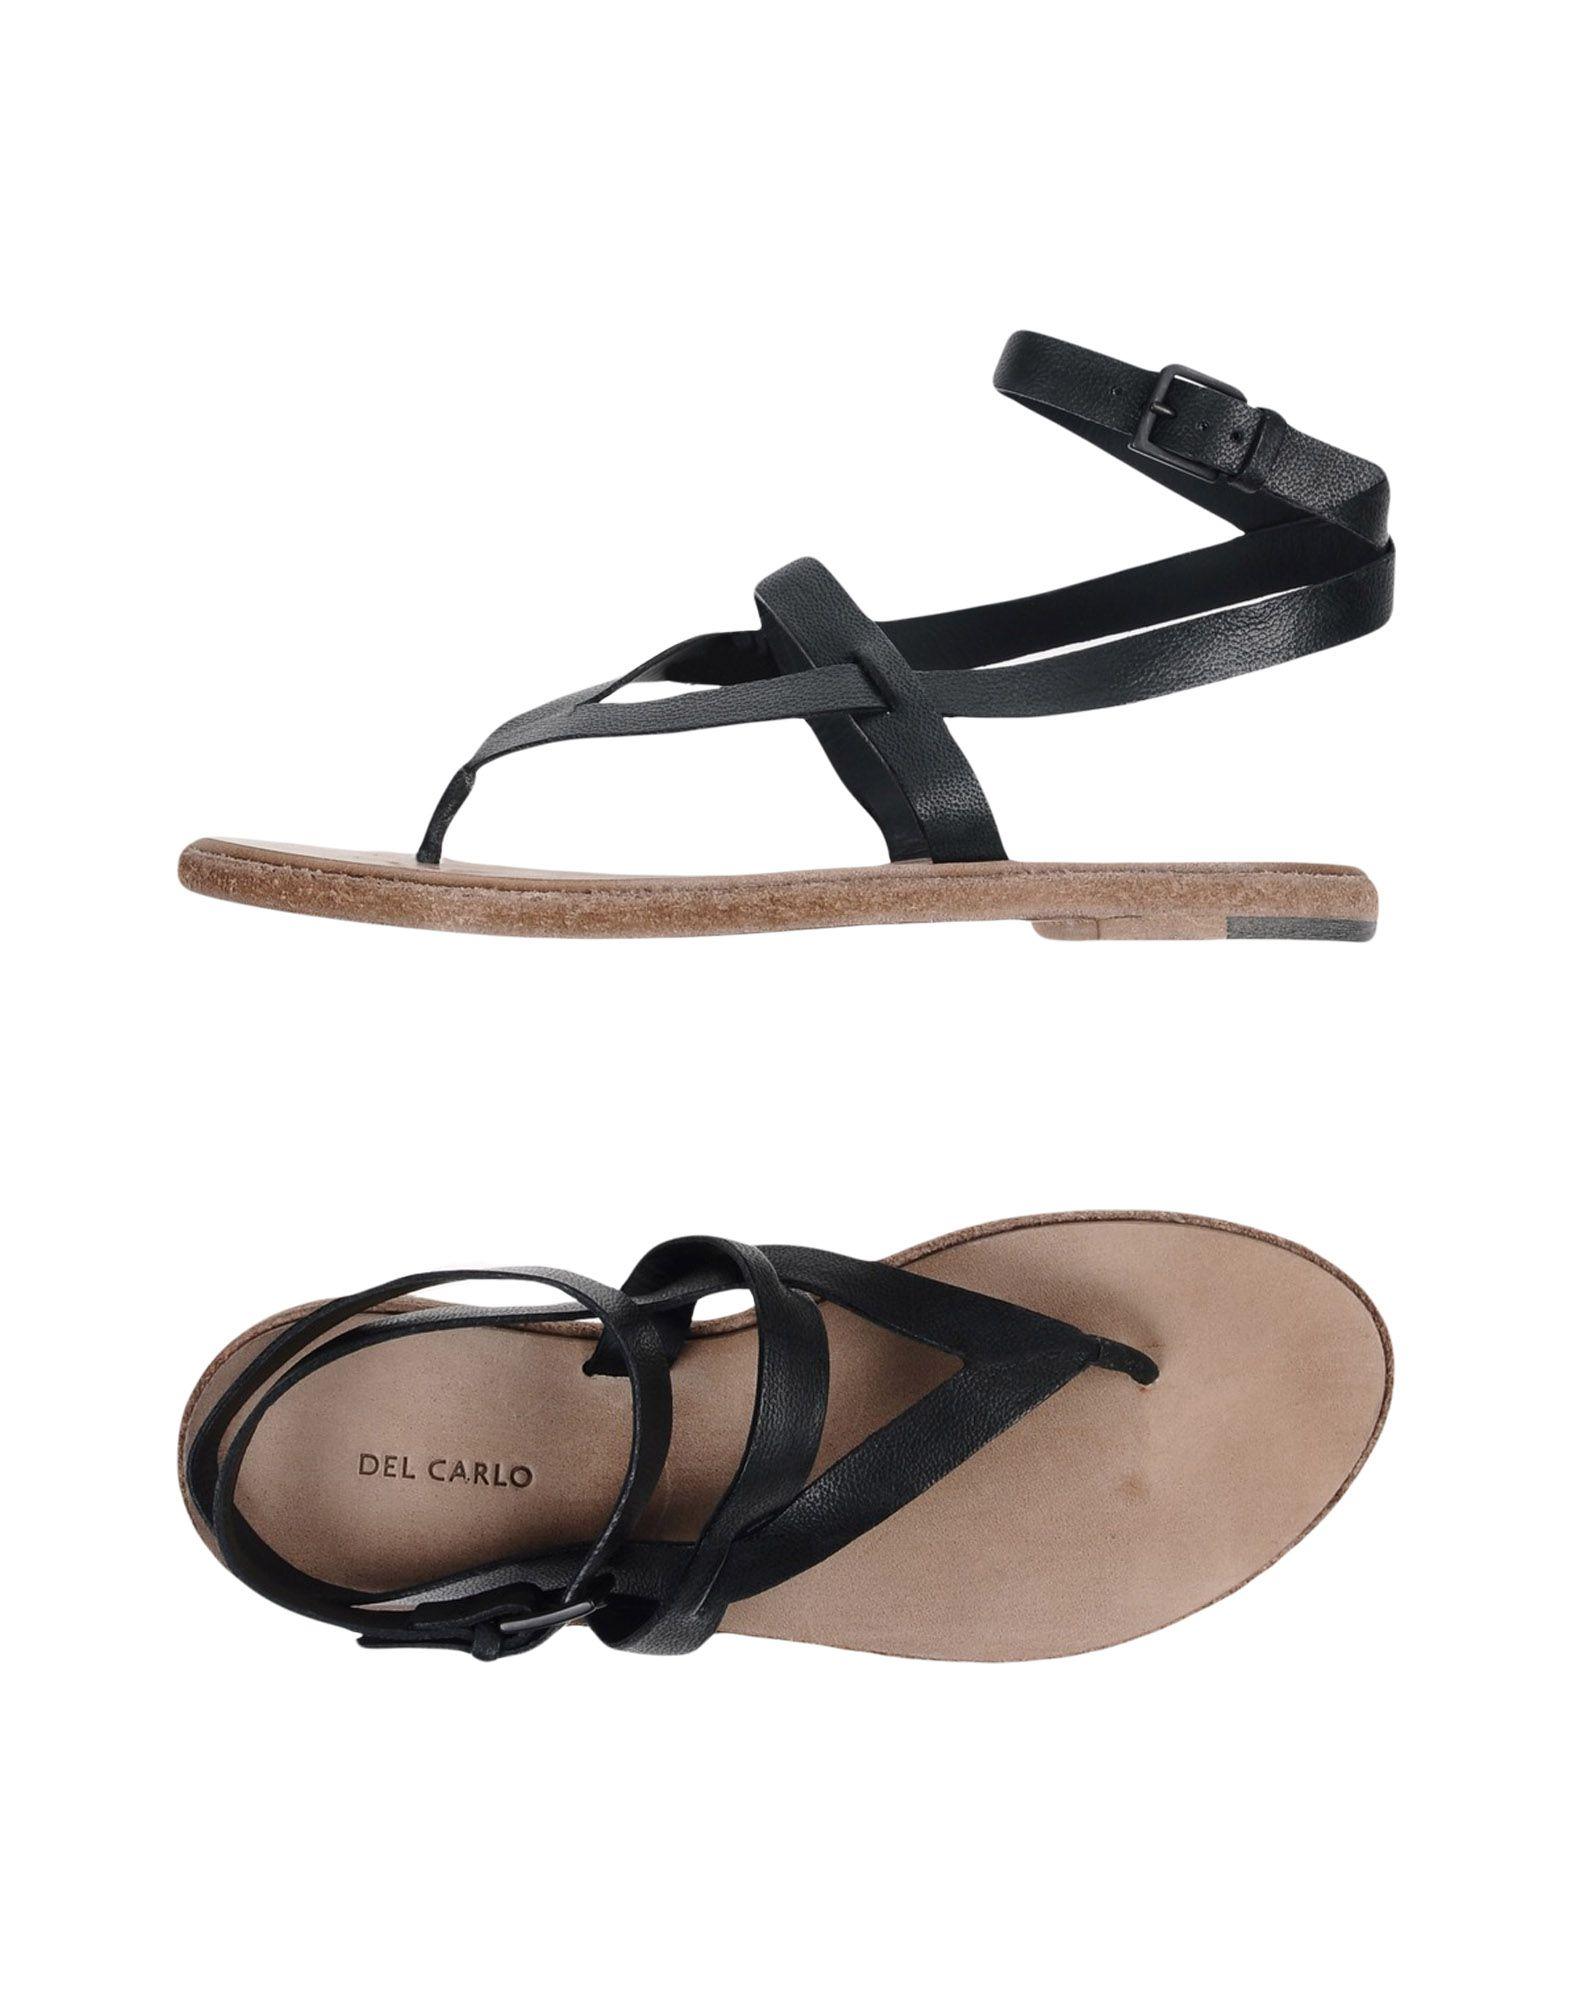 Del Carlo Flip flops